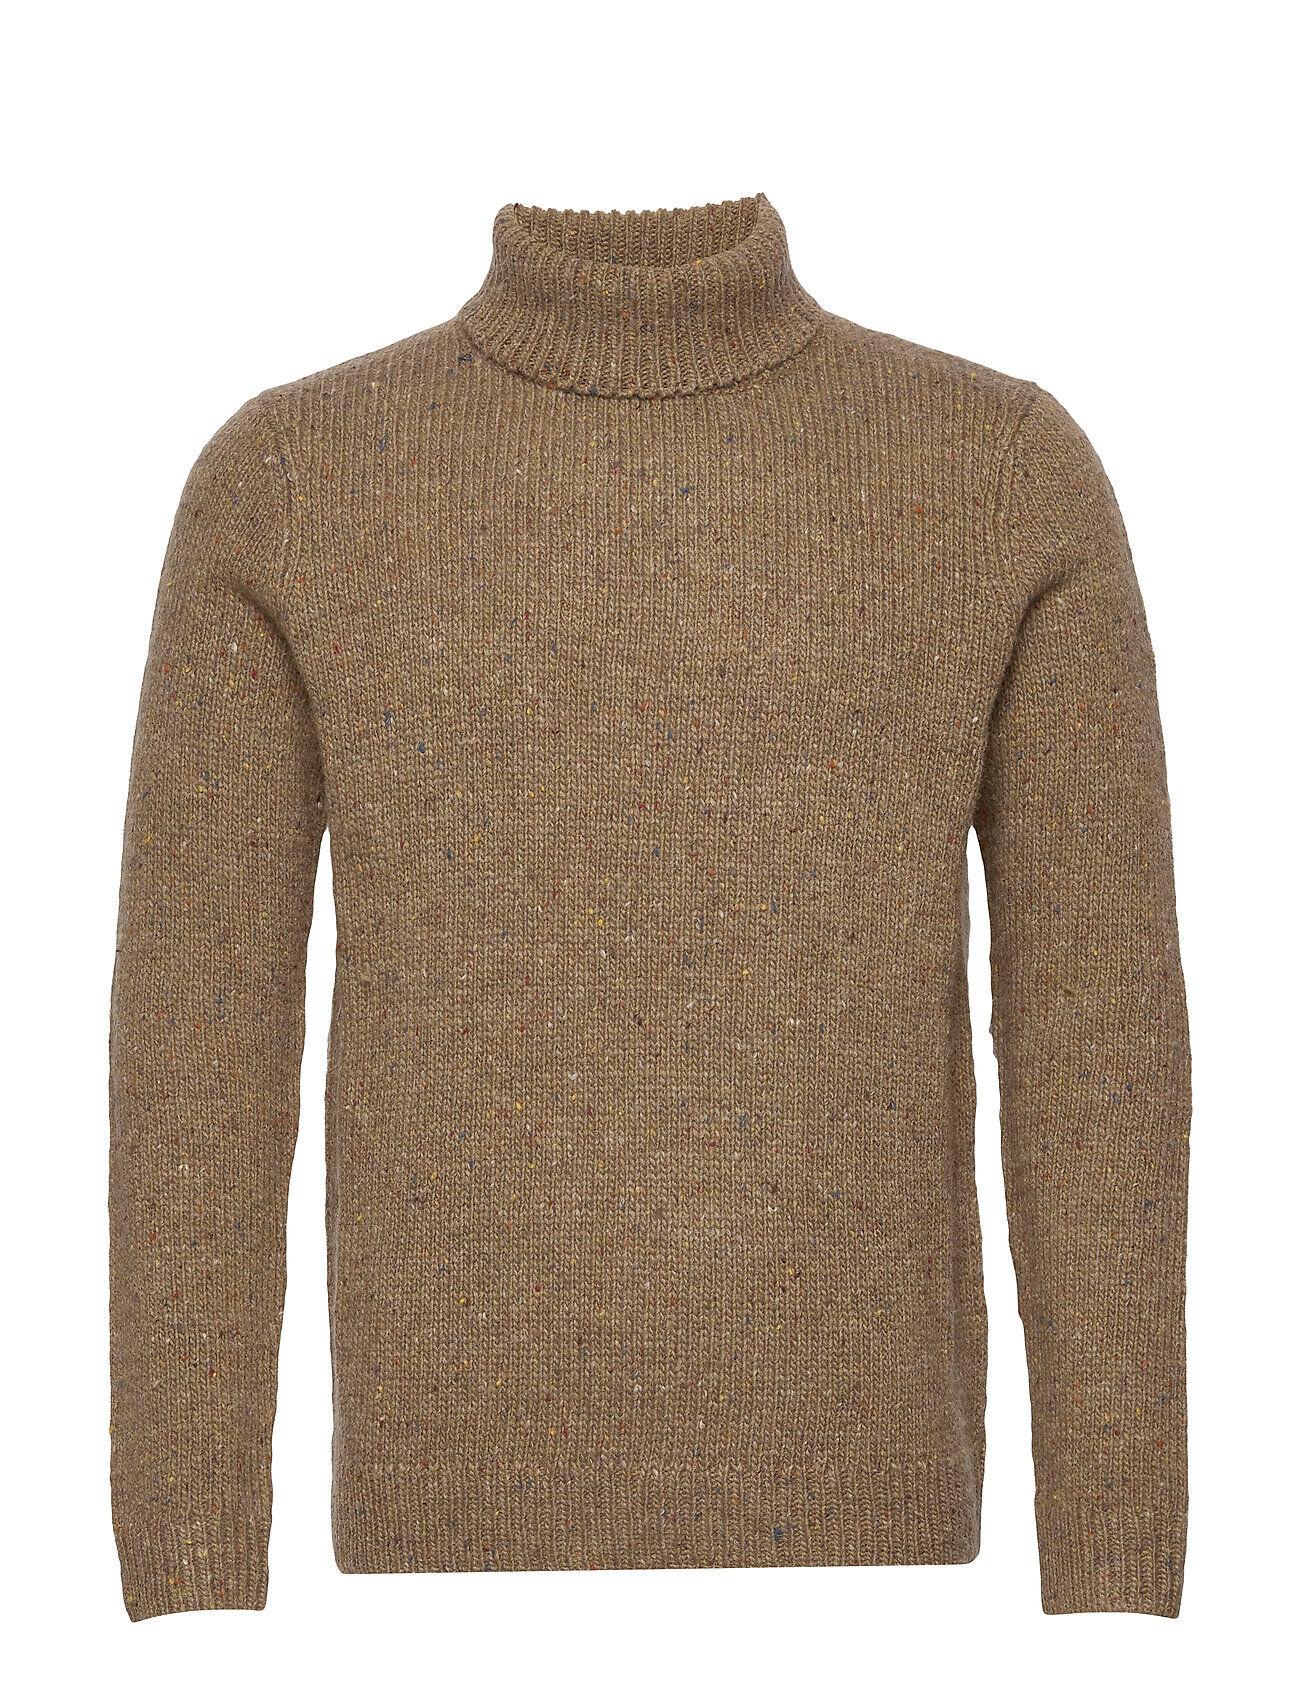 Samsøe & Samsøe Nino T-N 10262 Knitwear Turtlenecks Beige